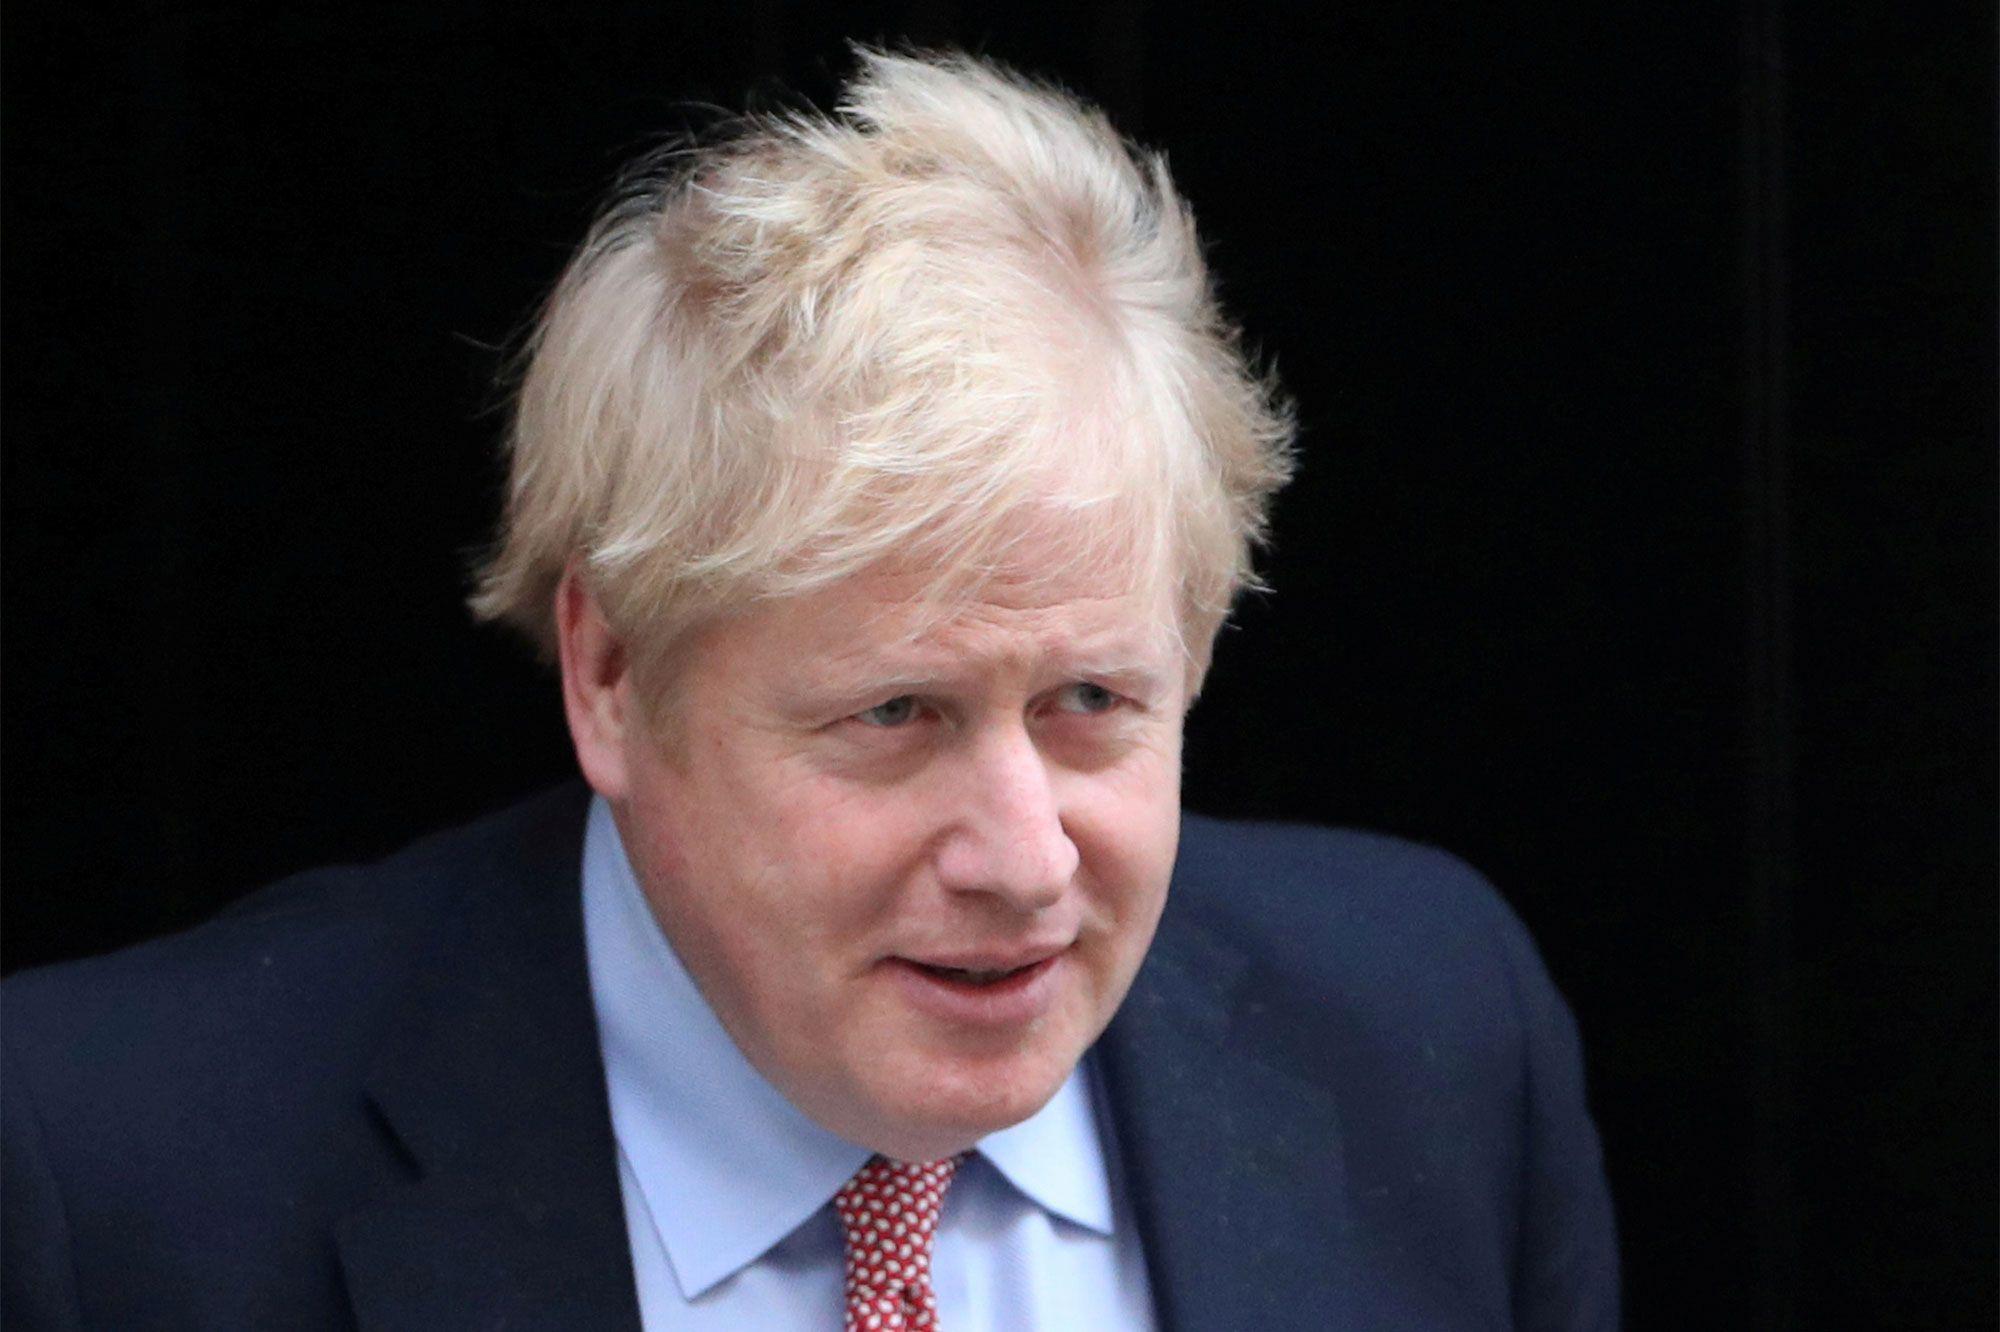 Royaume-Uni : Boris Johnson de retour lundi et attendu sur sa stratégie face au Covid-19